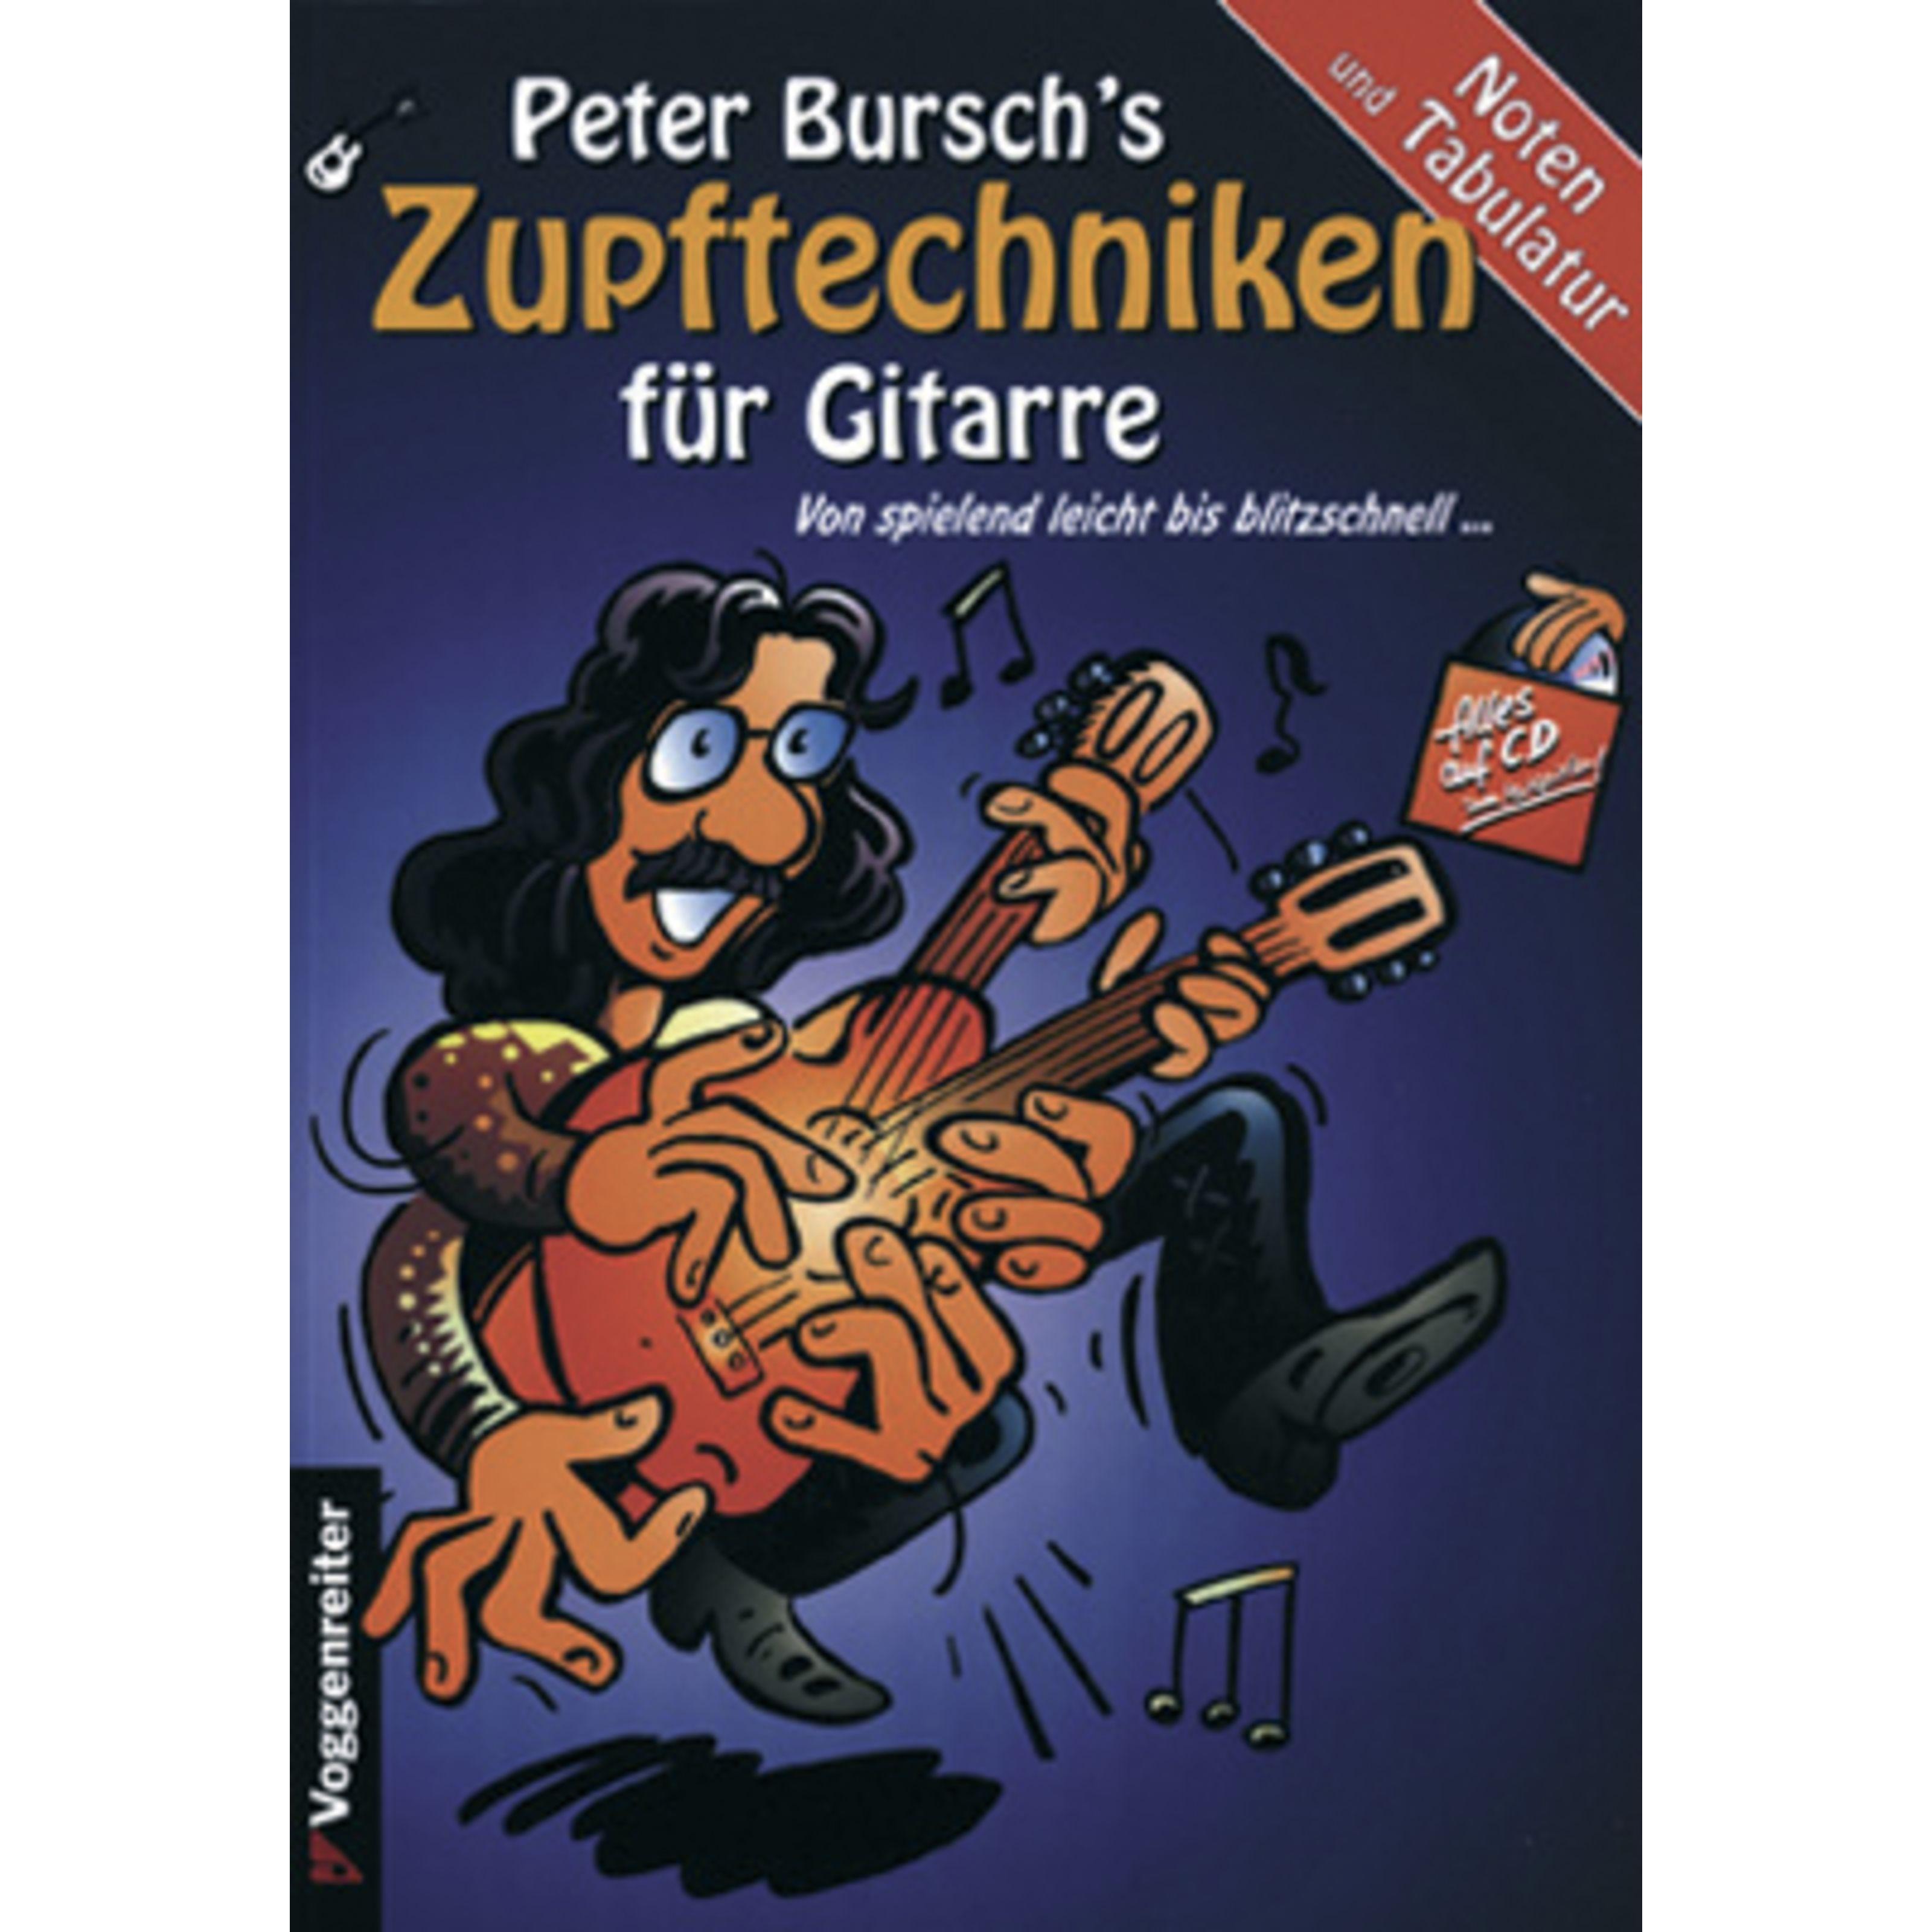 Voggenreiter - Peter Bursch´s Zupftechnikbuch 0385-9